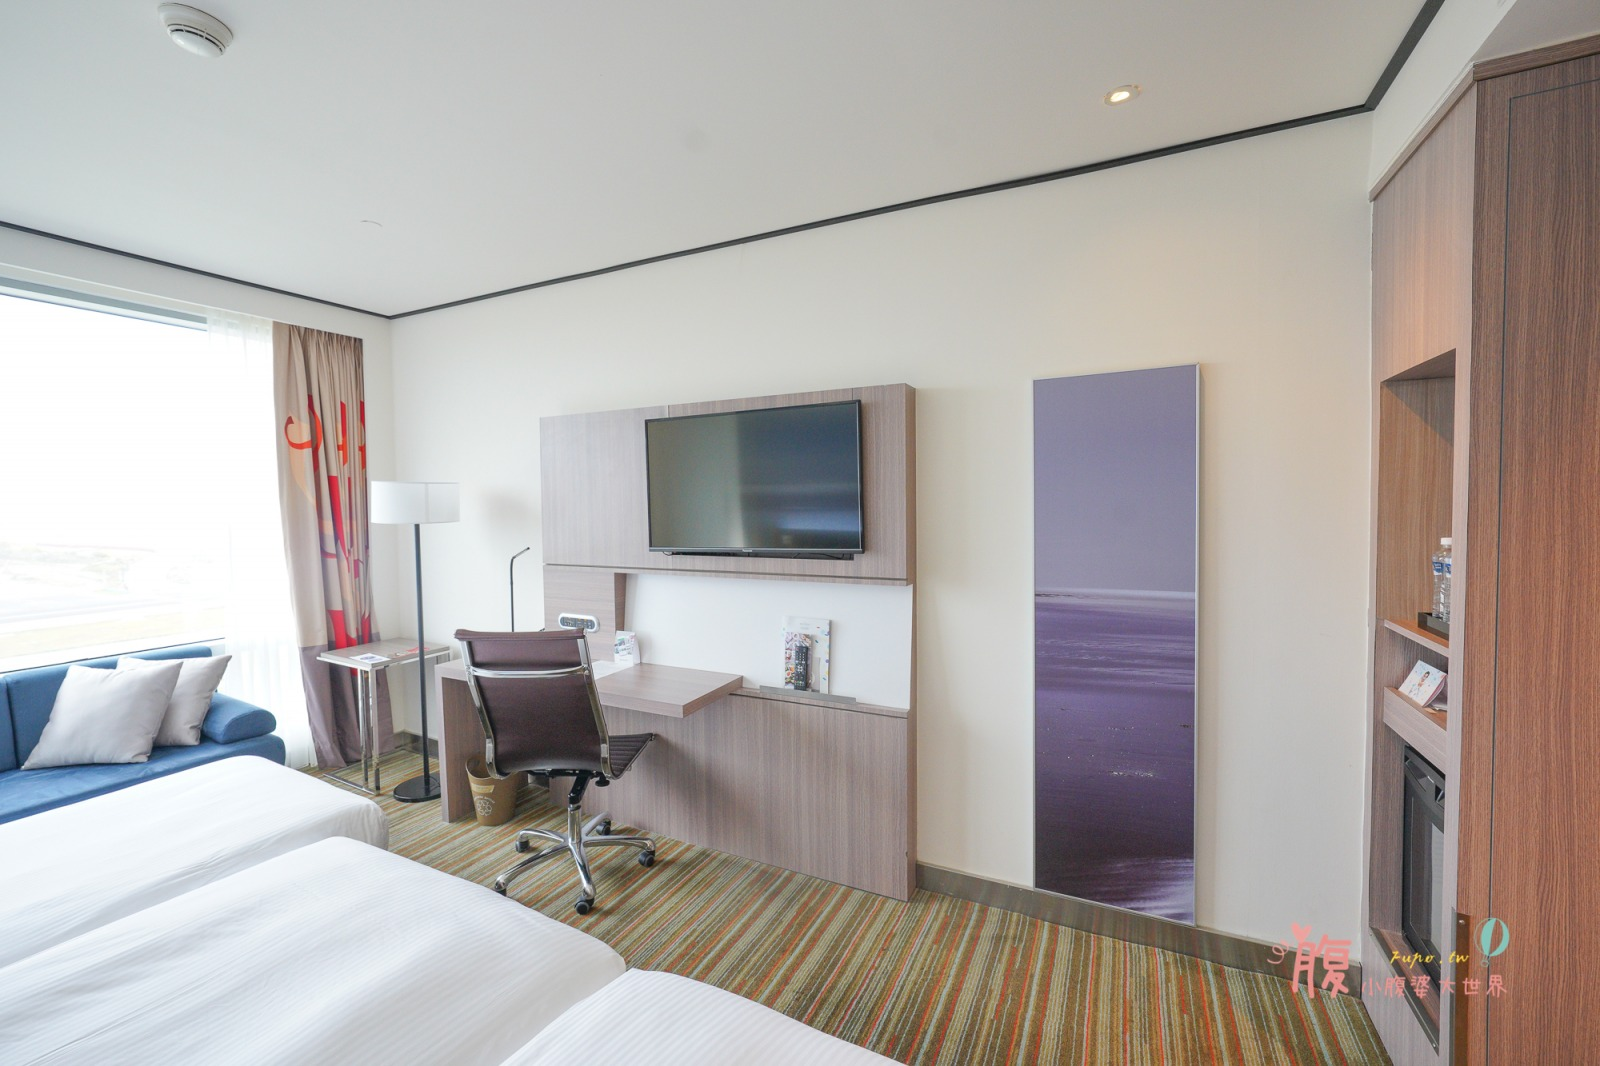 桃園住宿》在房間就可以看飛機!台北諾富特華航桃園機場飯店,未滿16歲可免費加床,還有室內游泳池和戲水池,超美跑道打卡點~